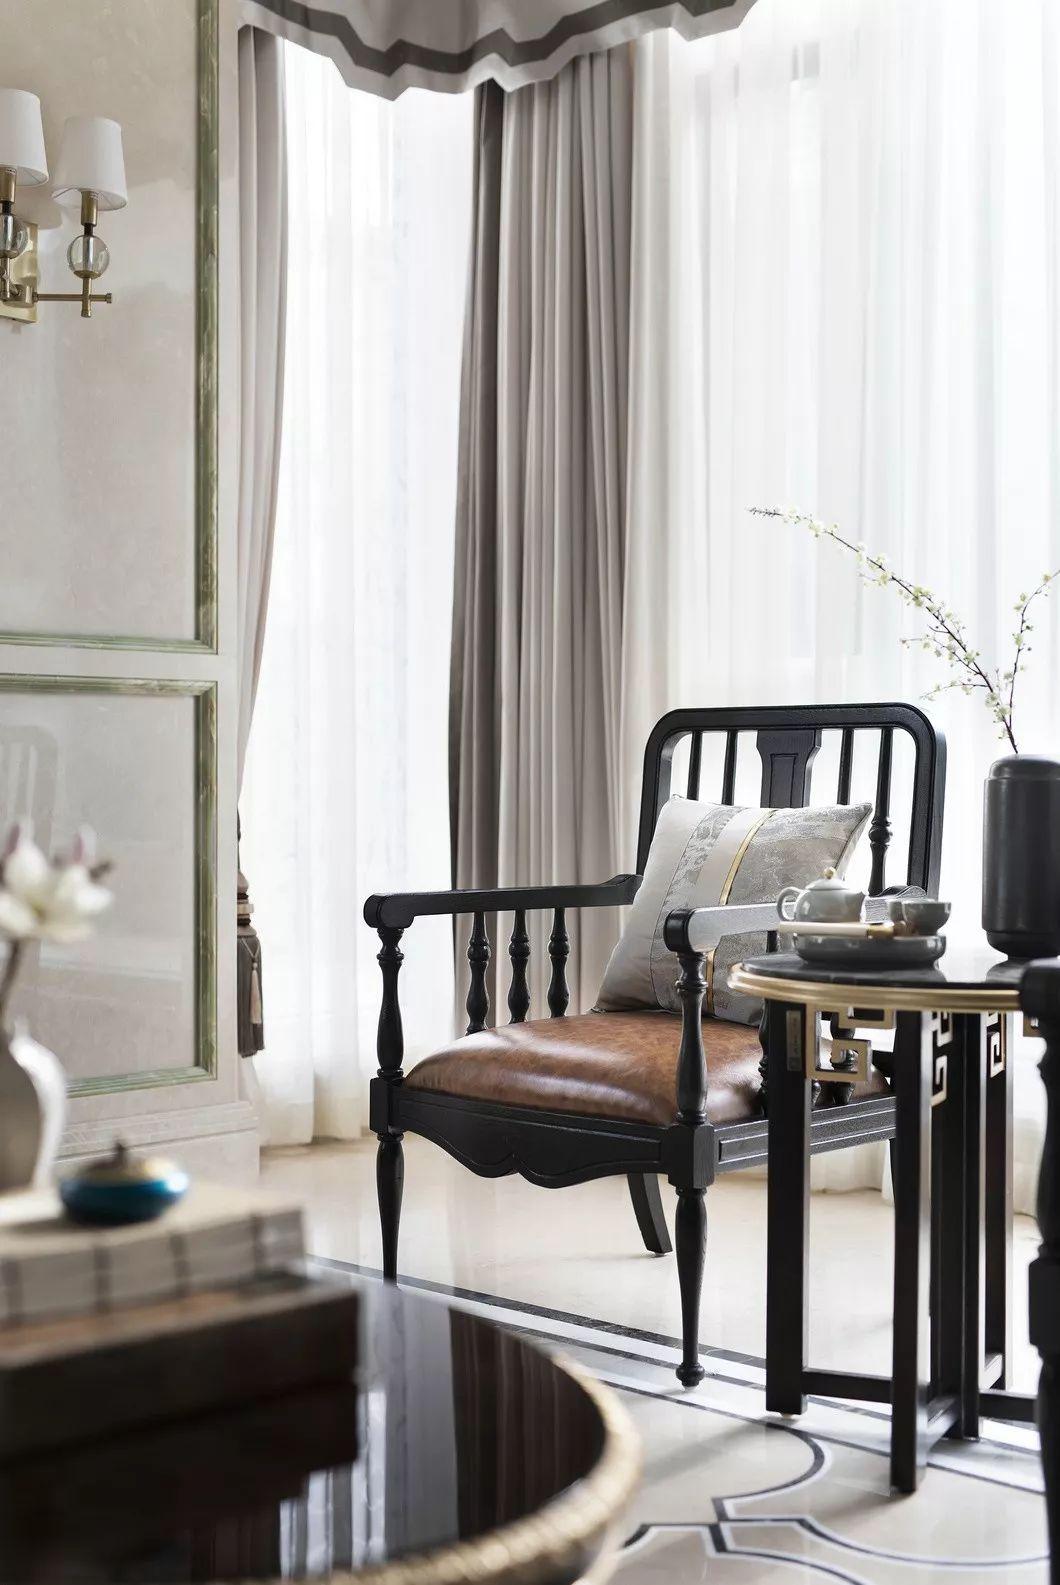 3000㎡独栋法式别墅:先生的品位,太太的浪漫| - 24